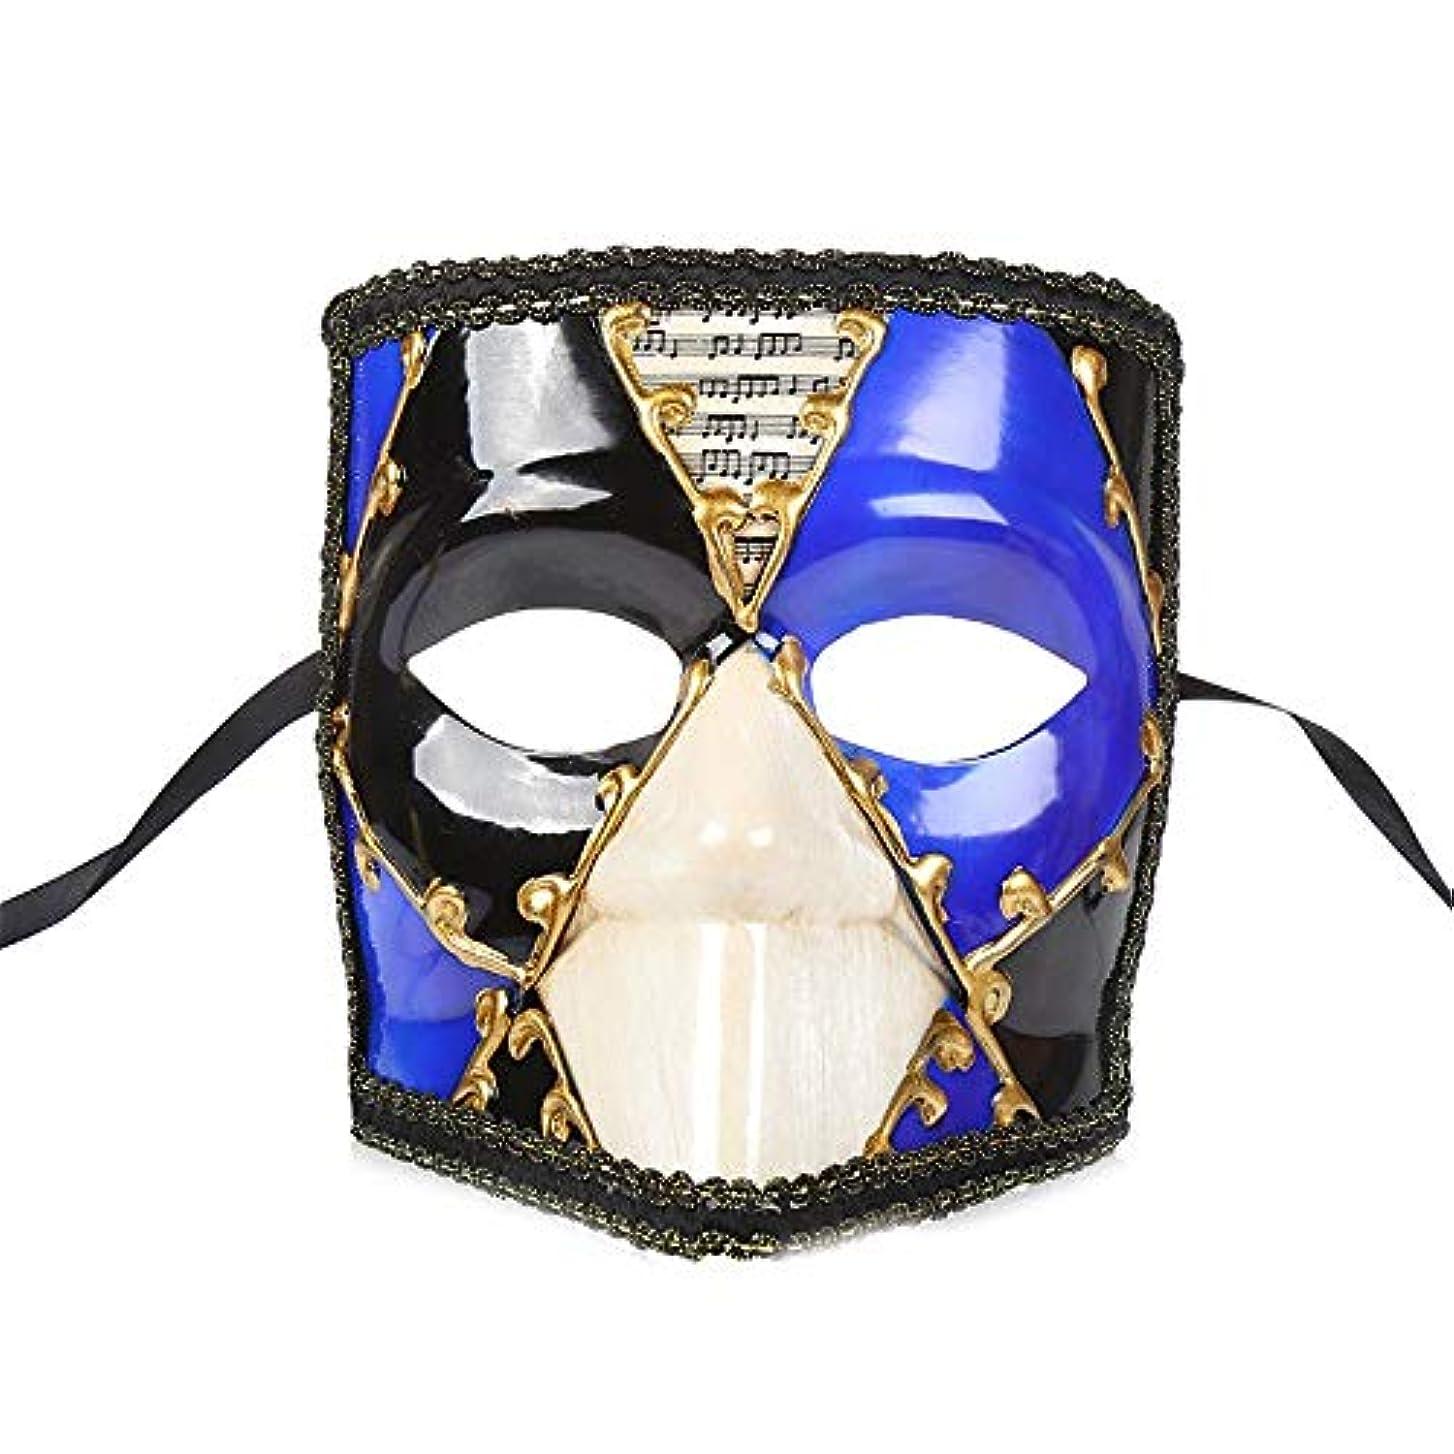 キャンディーロイヤリティタービンダンスマスク ピエロマスクヴィンテージマスカレードショーデコレーションコスプレナイトクラブプラスチック厚いマスク ホリデーパーティー用品 (色 : 青, サイズ : 18x15cm)